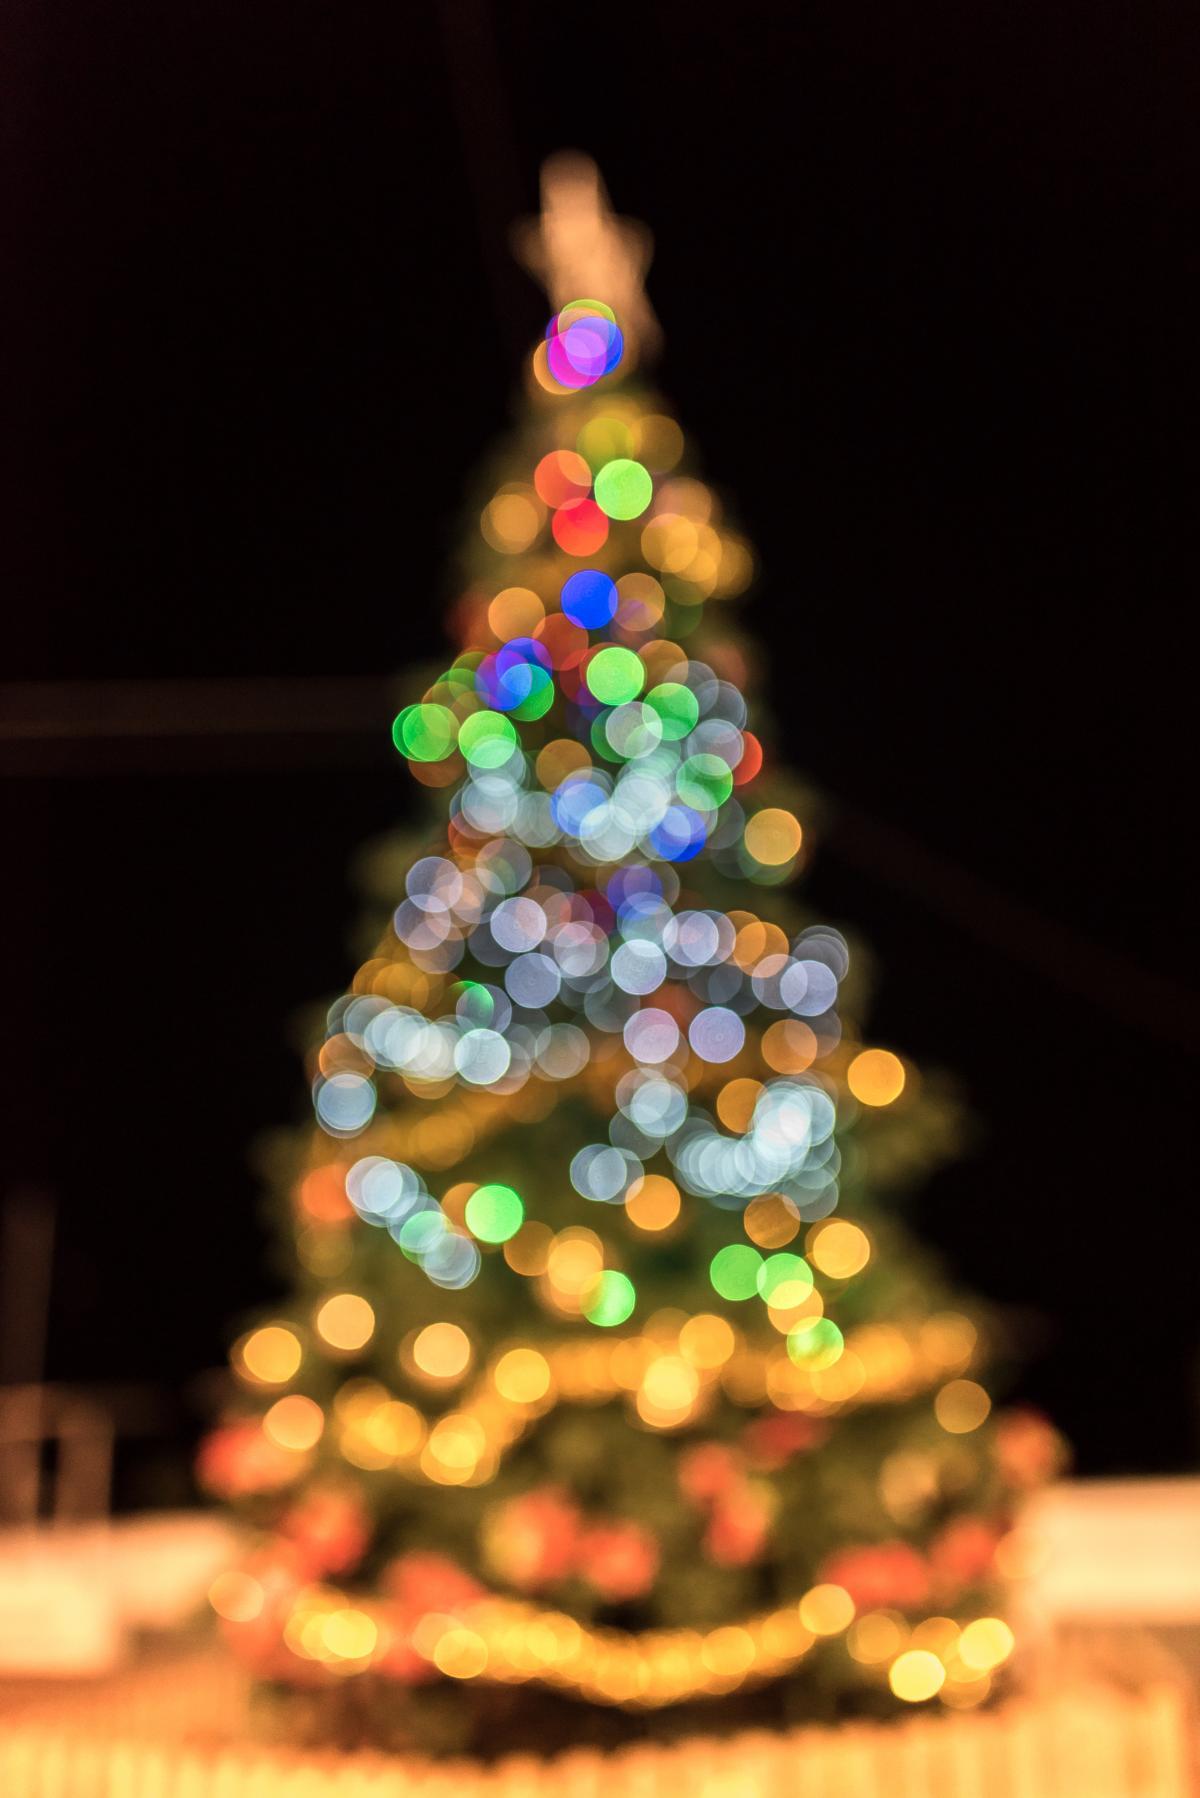 bokeh christmas christmas lights christmas tree 75377 - Blurred Christmas Lights